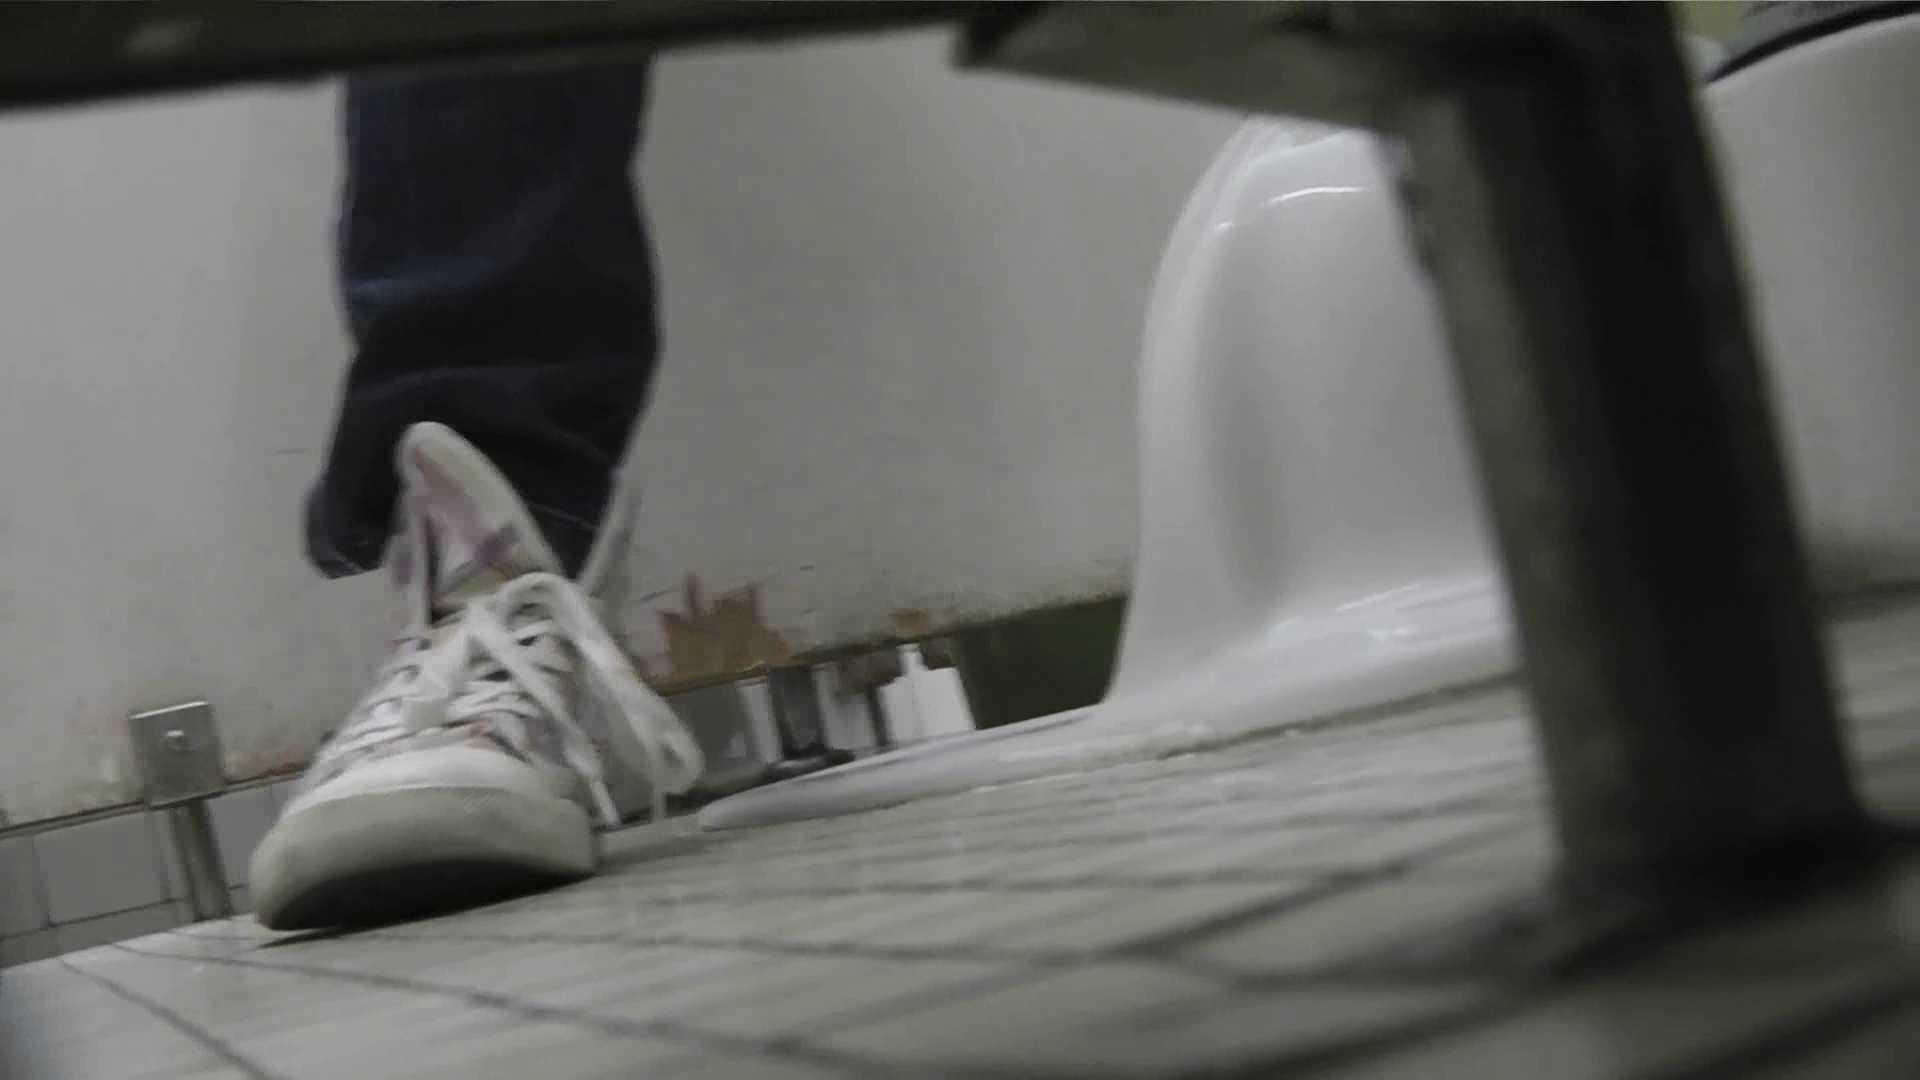 【美しき個室な世界】 vol.025 メガネ属性ヾ(´∀`)ノ 洗面所 | 高評価  84画像 22